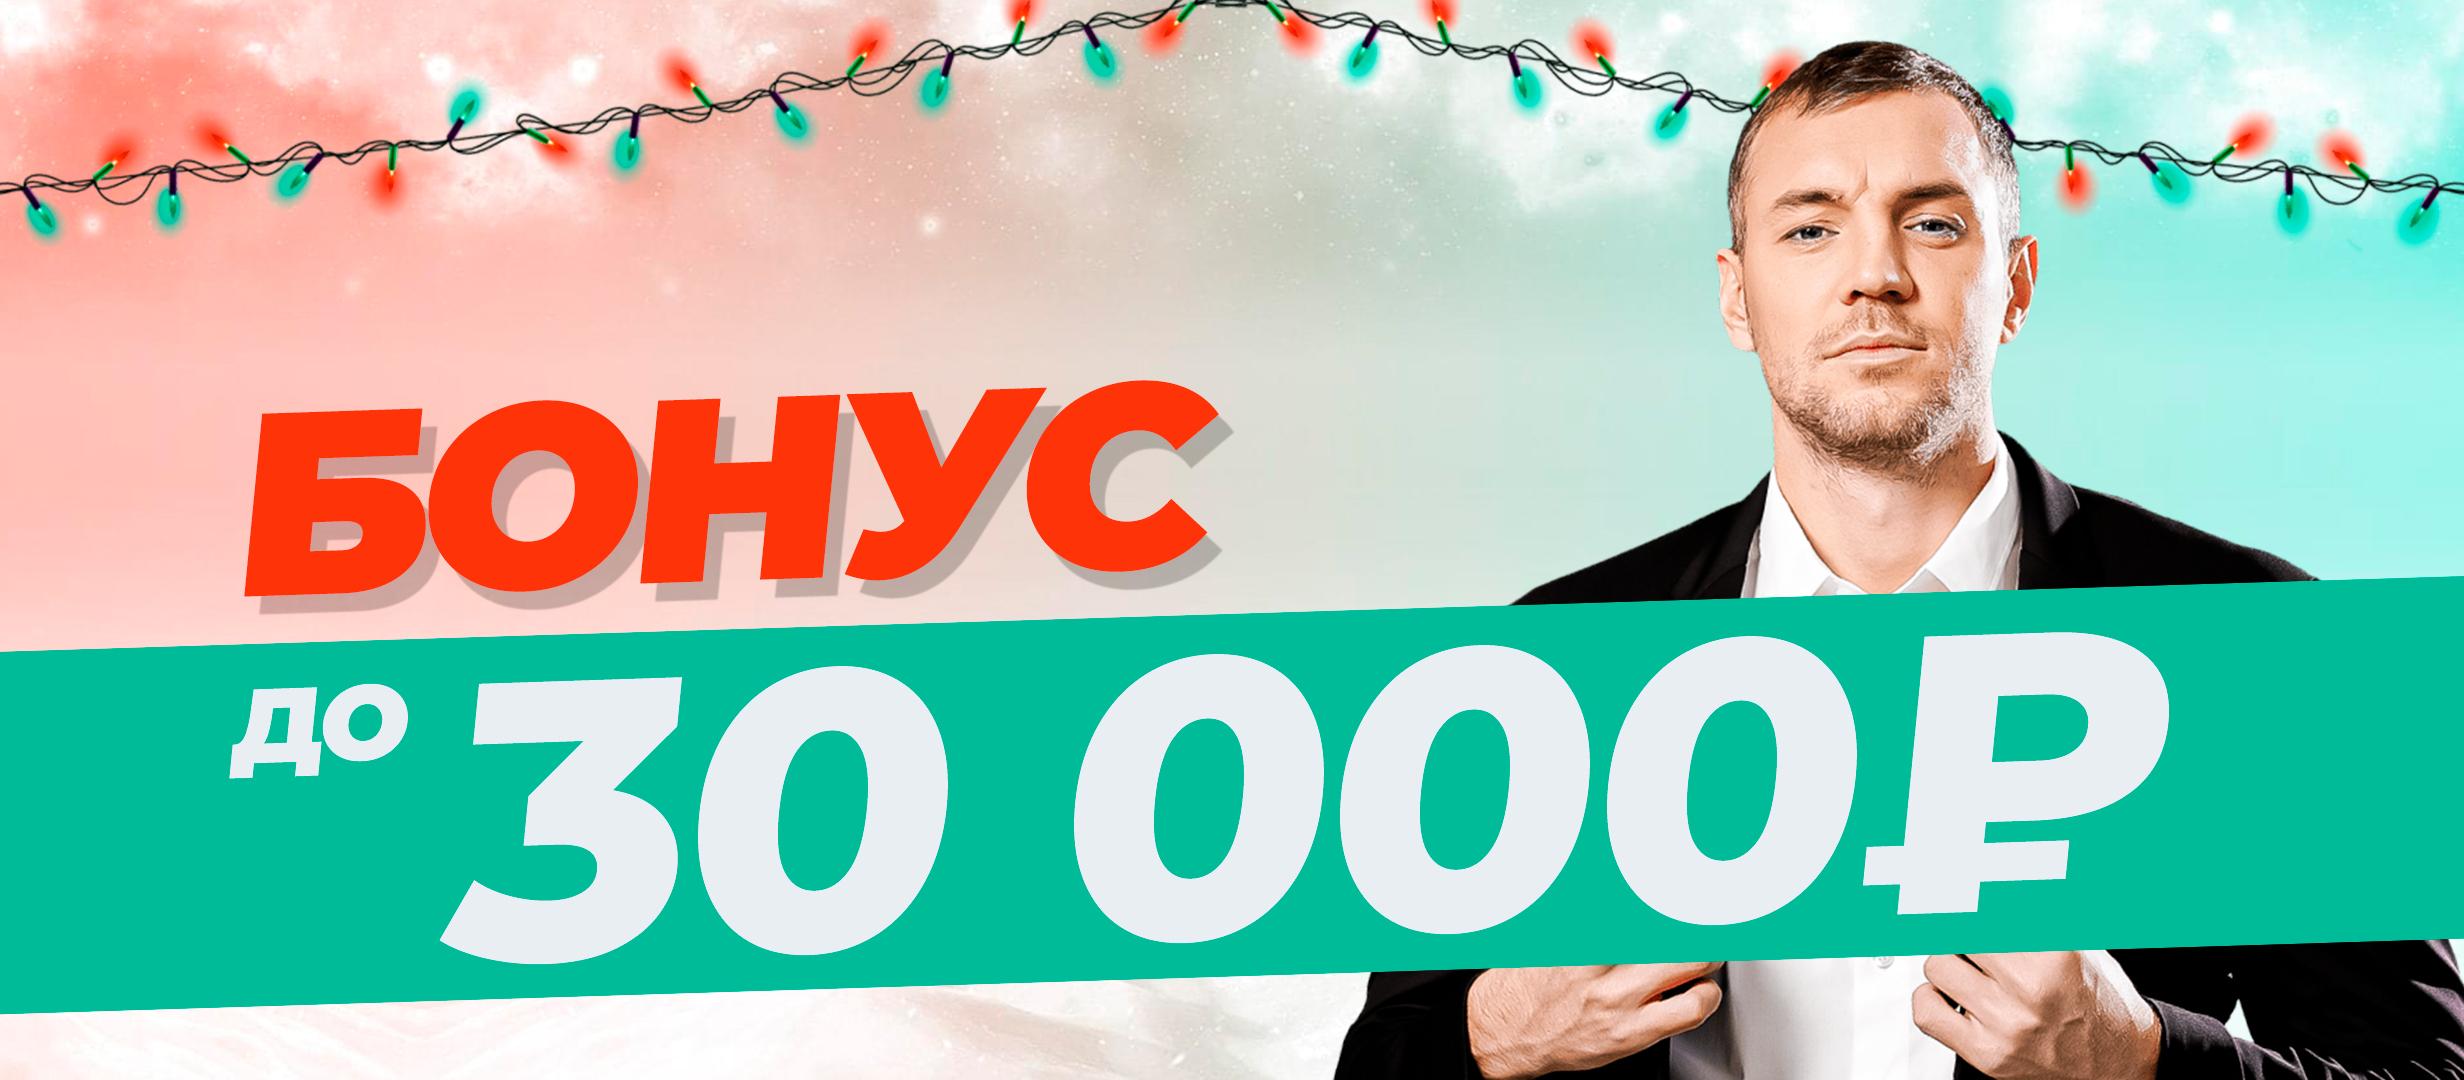 Кеш-бонус от PIN-UP.RU 30000 ₽.